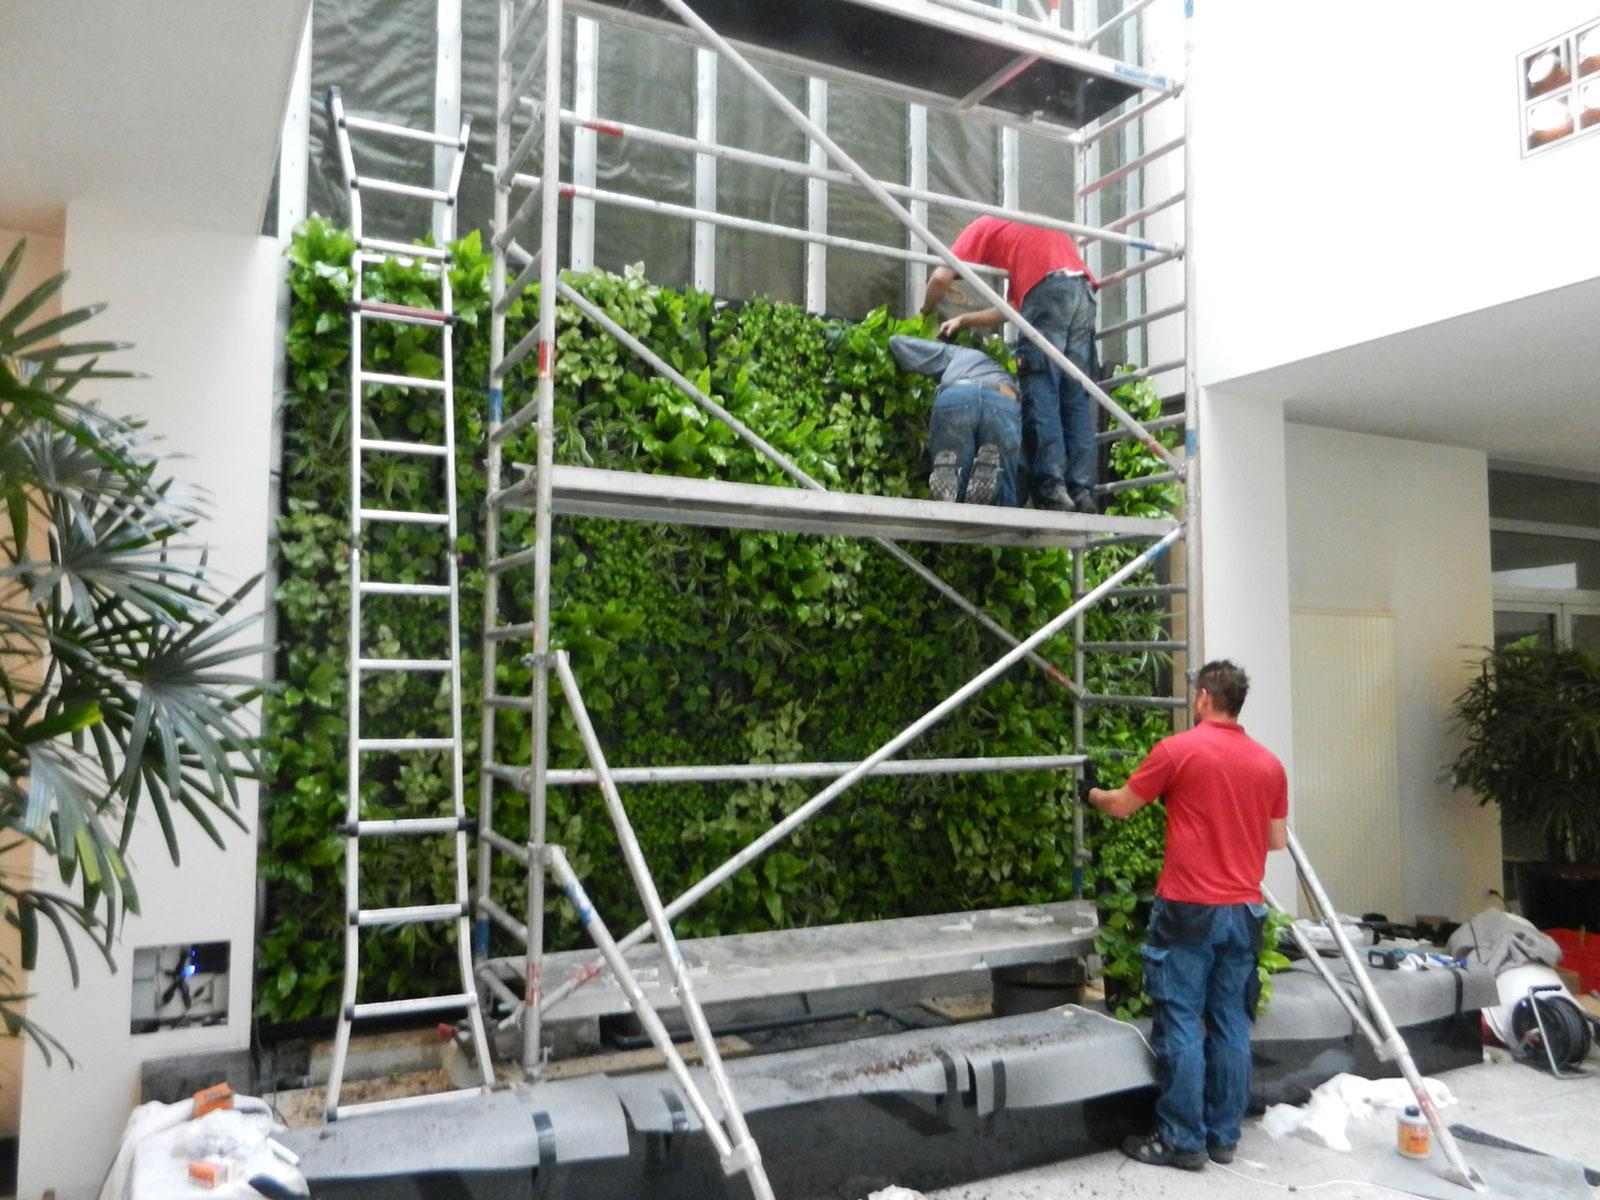 Wandbegrünung Innen Selber Machen für architektonische meisterwerke fassadenbegrünung hydroflora